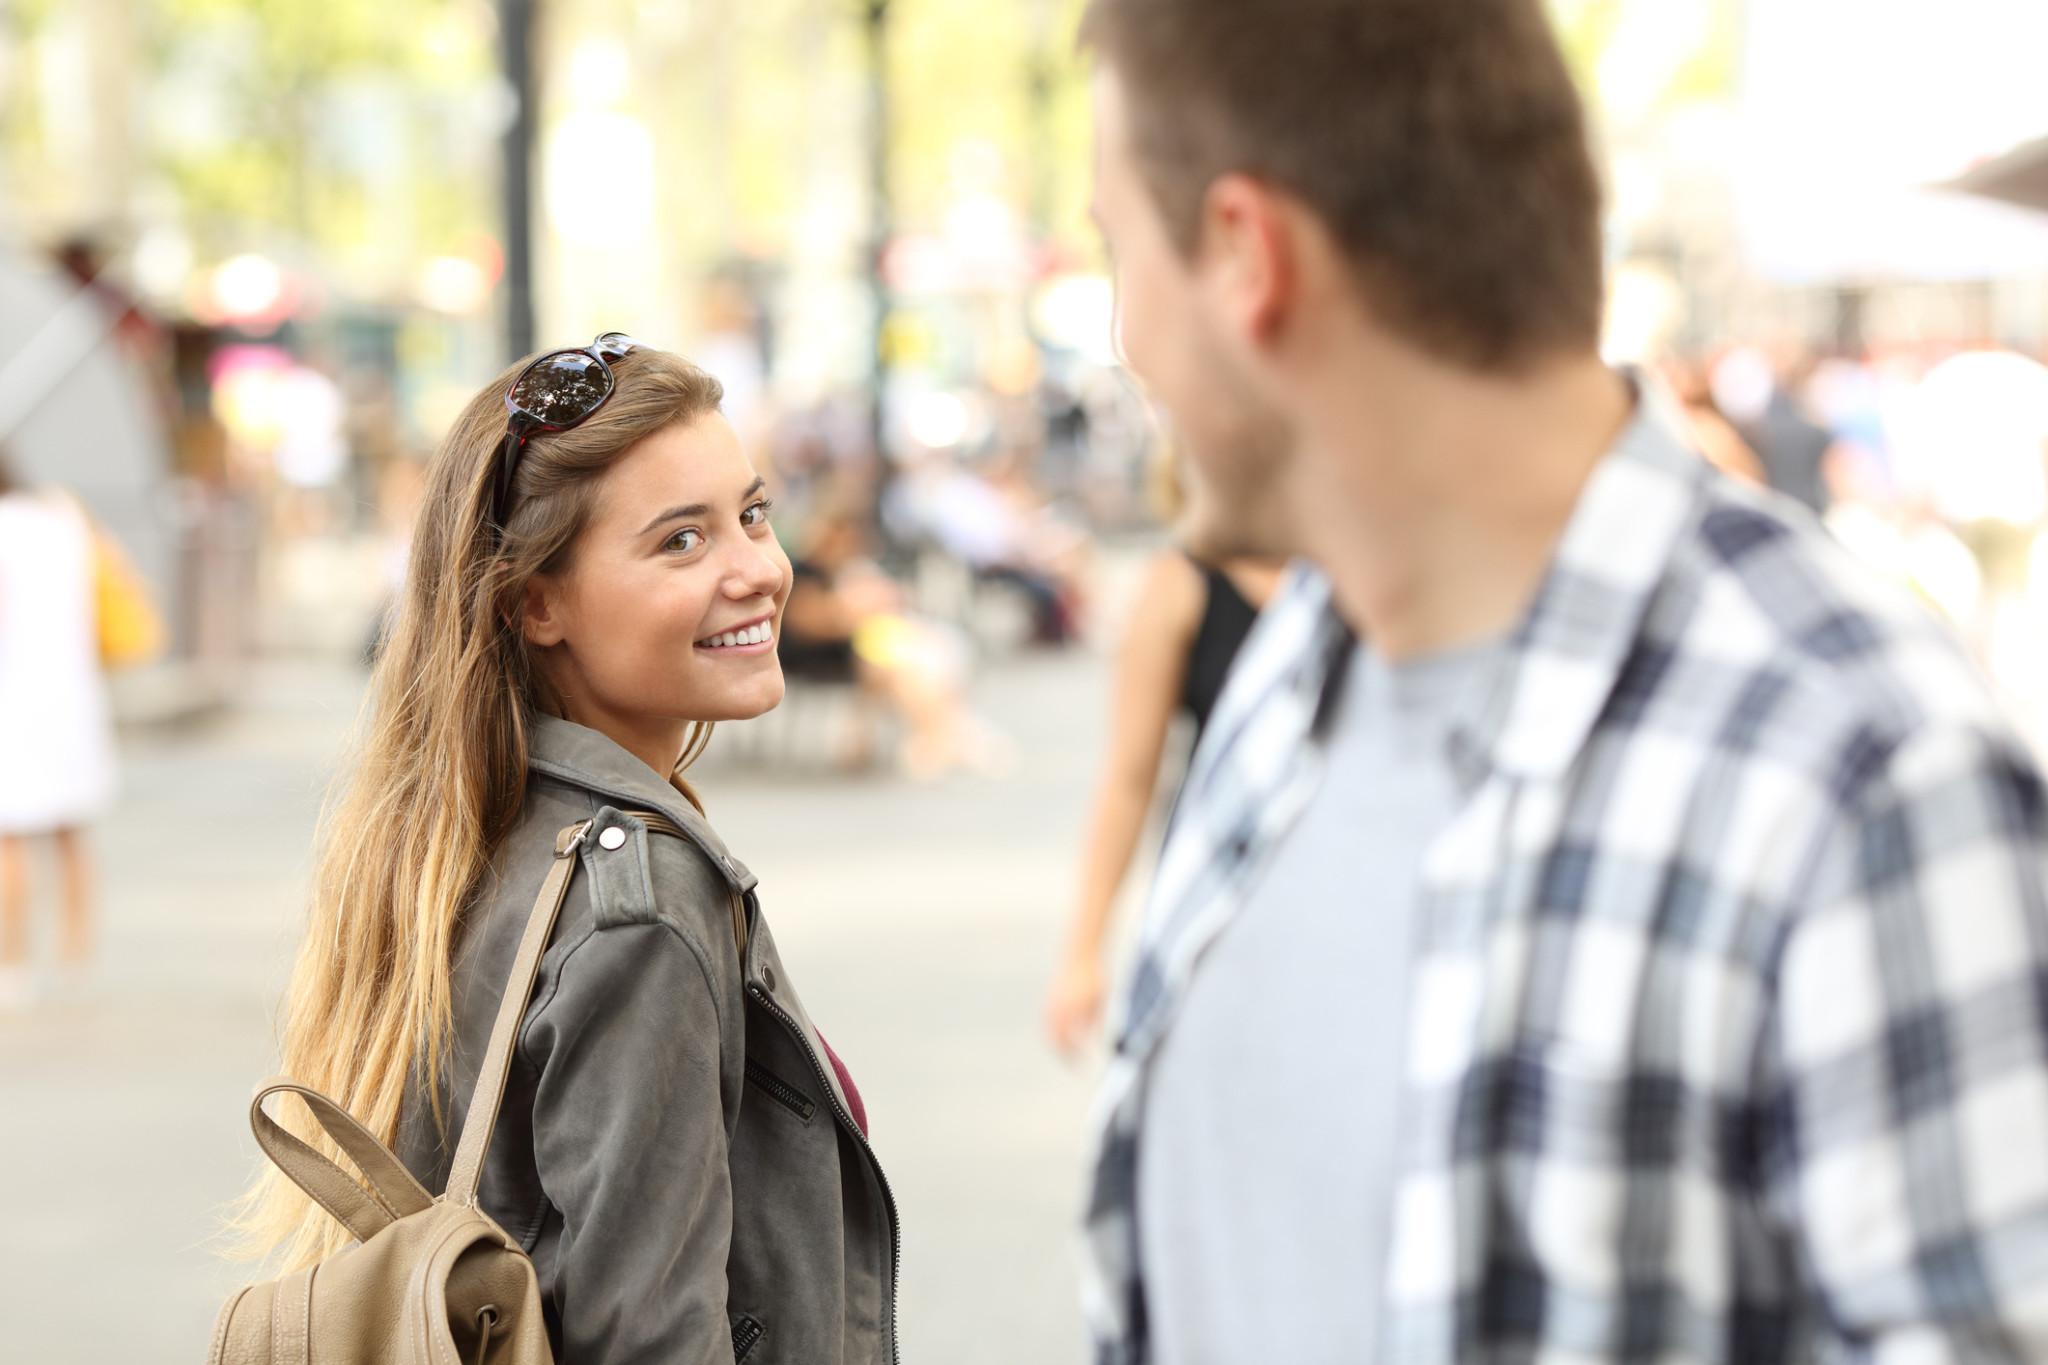 容姿じゃない!…男が「見惚れてしまう」女性の特徴4選